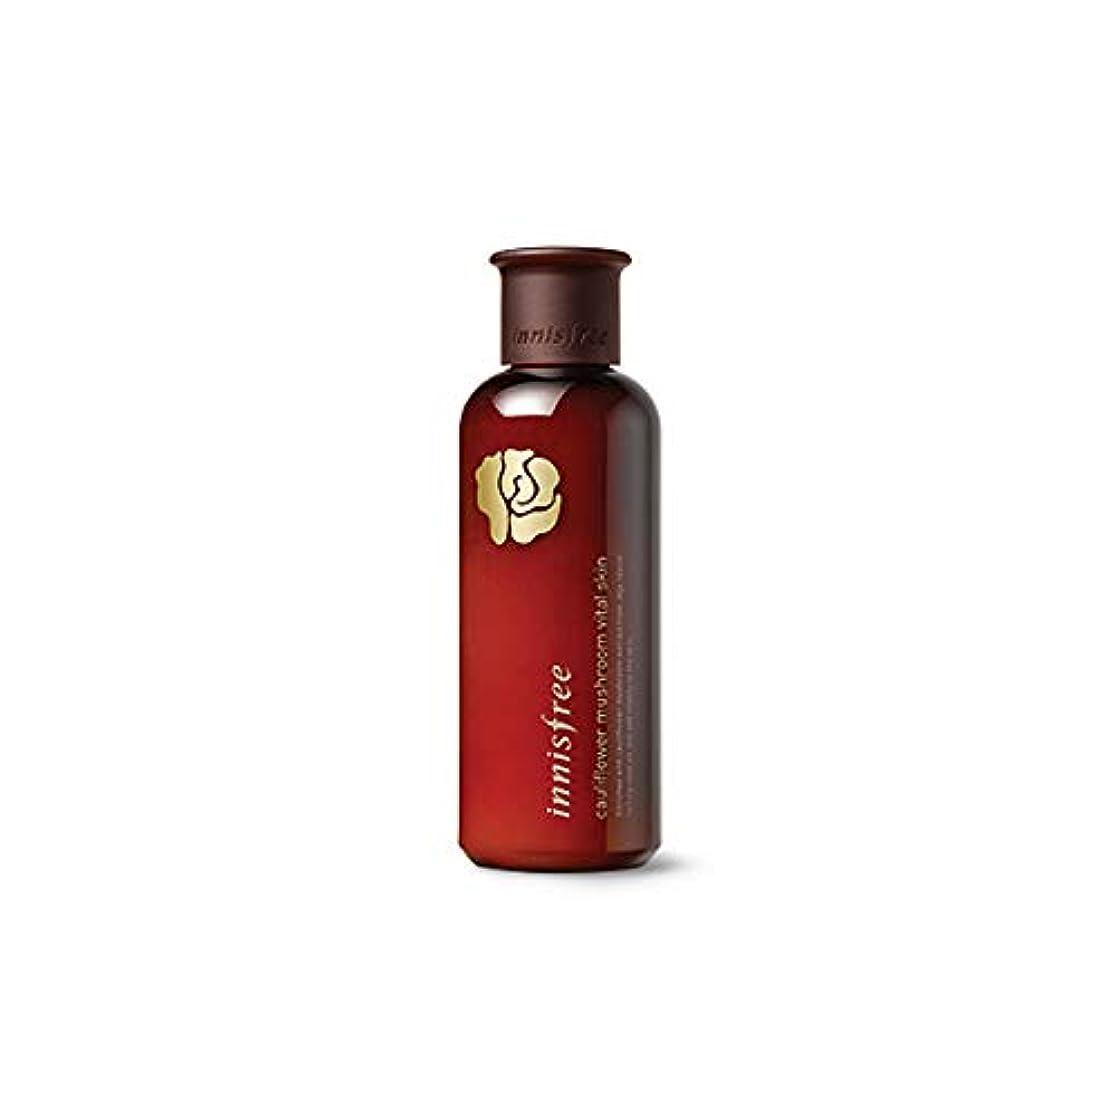 一過性パンサー原子[イニスフリー]Innisfree カリフラワー マッシュルーム バイタルスキン200ml Innisfree Cauliflower Mushroom Vital Skin 200ml [海外直送品]